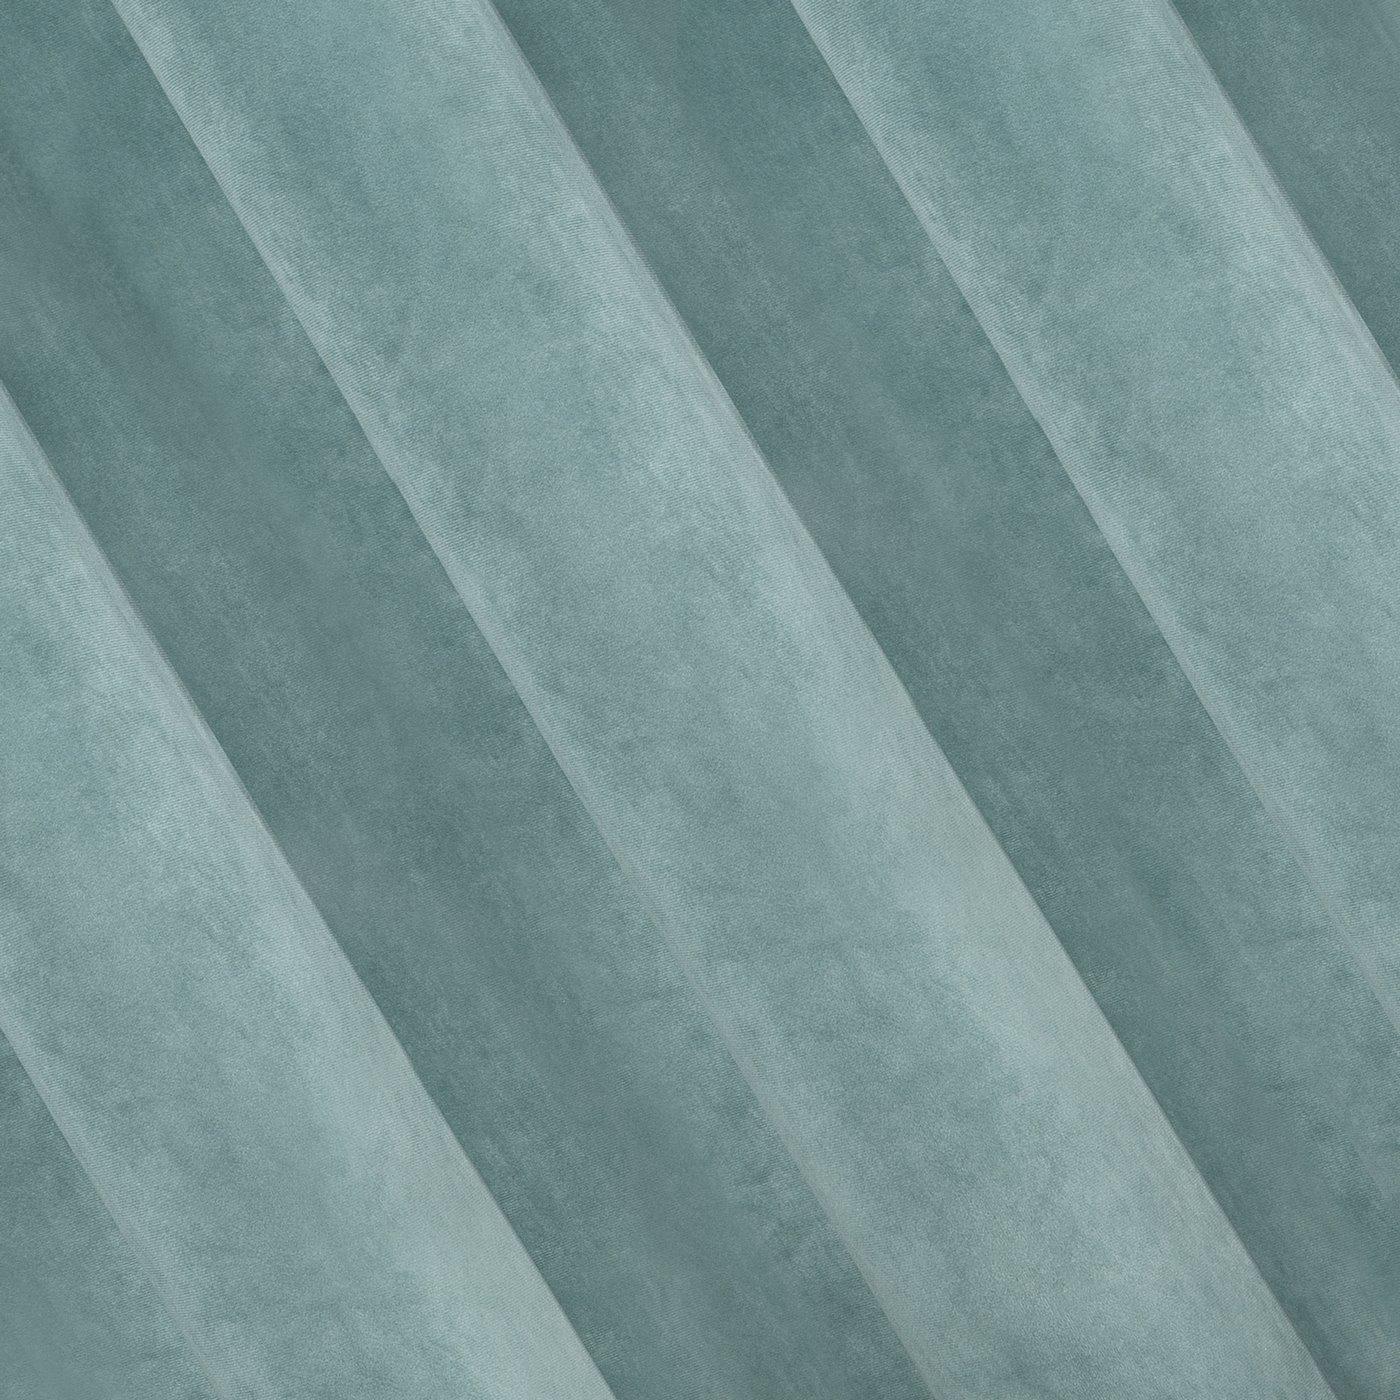 Zasłona welwetowa 140X270 cm na taśmie morska